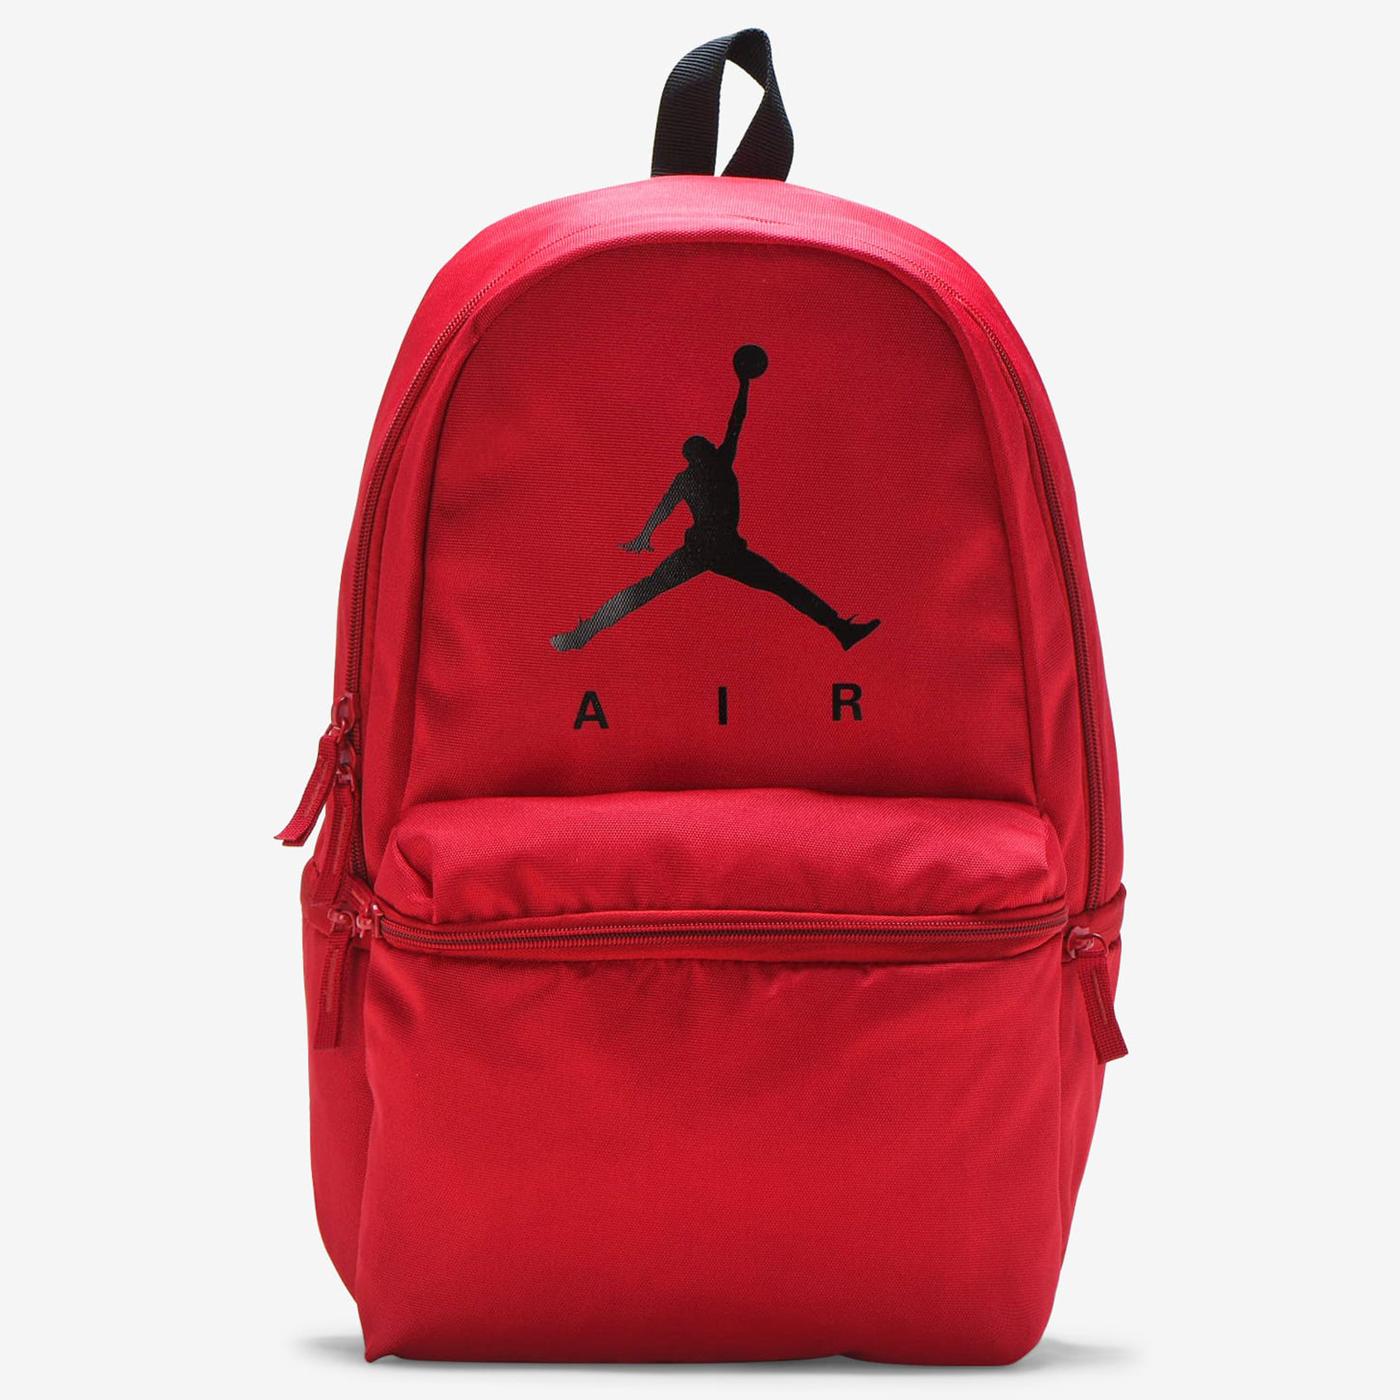 ★現貨在庫★ NIKE Air Jordan Backpack 背包 休閒 紅【運動世界】9A0289-R78